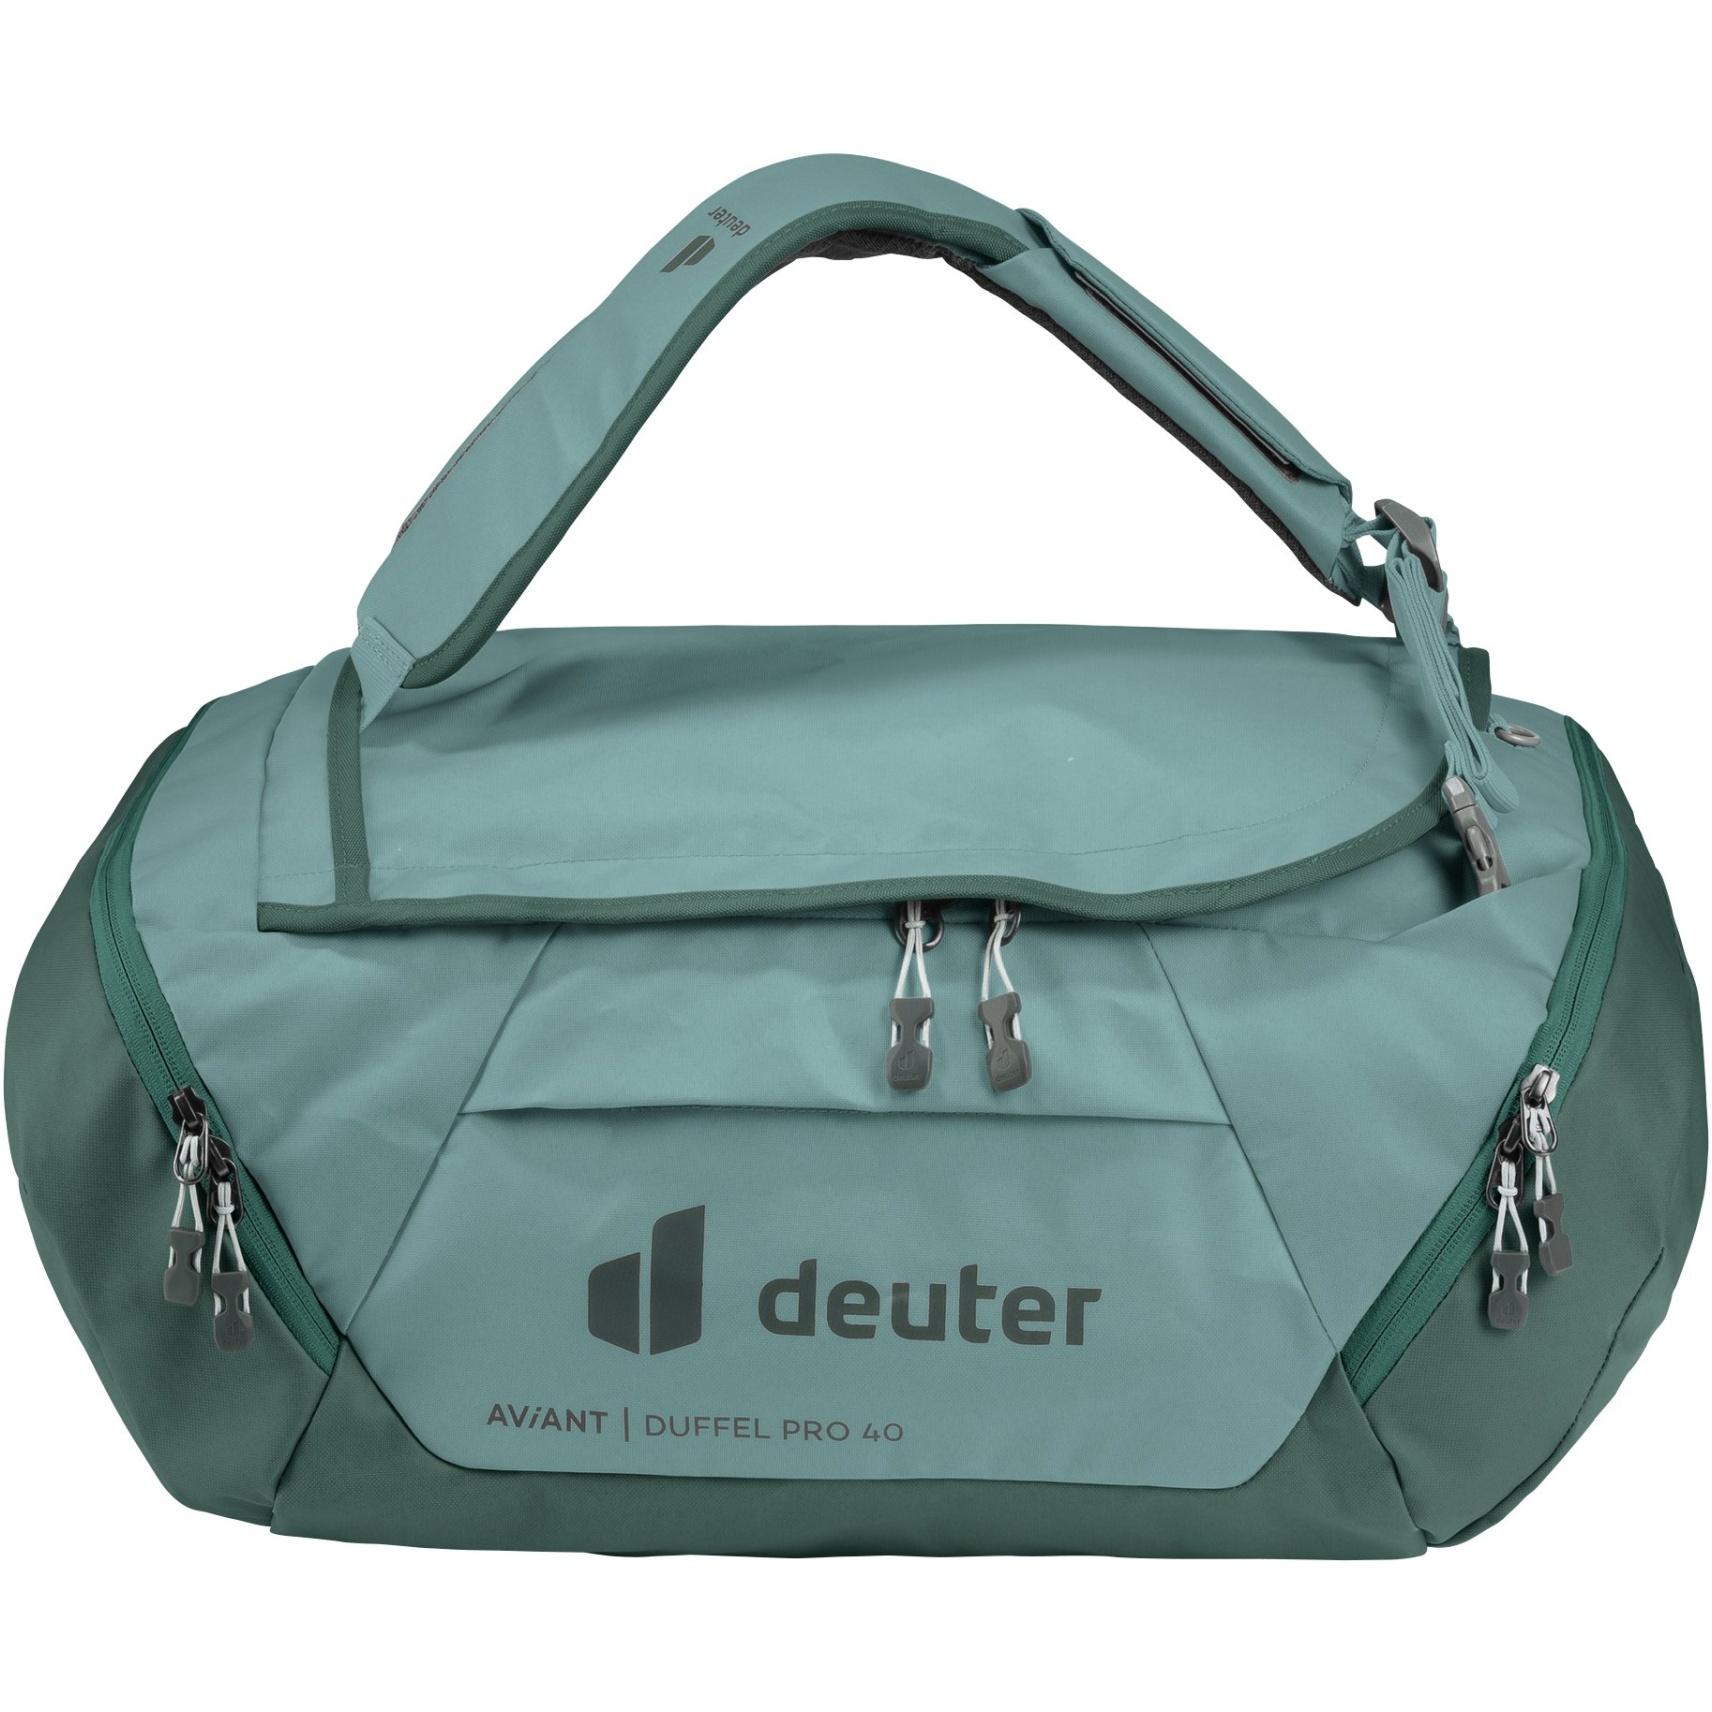 Picture of Deuter AViANT Duffel Pro 40 - jade-seagreen